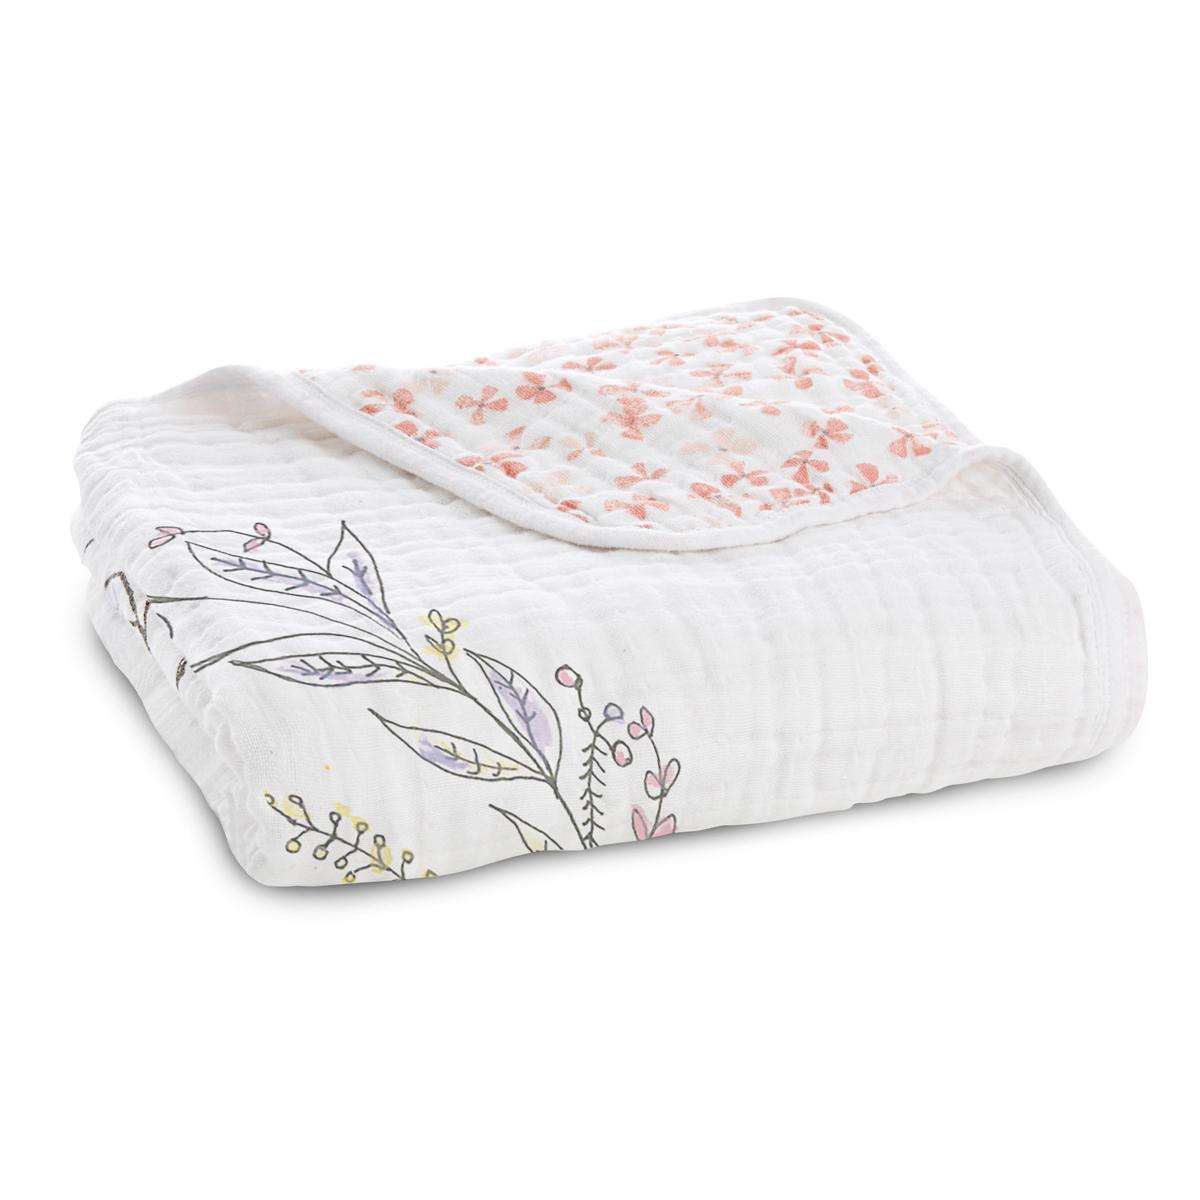 Linge de lit Couverture de Rêve - Birdsong Noble Est Couverture de Rêve - Birdsong Noble Est